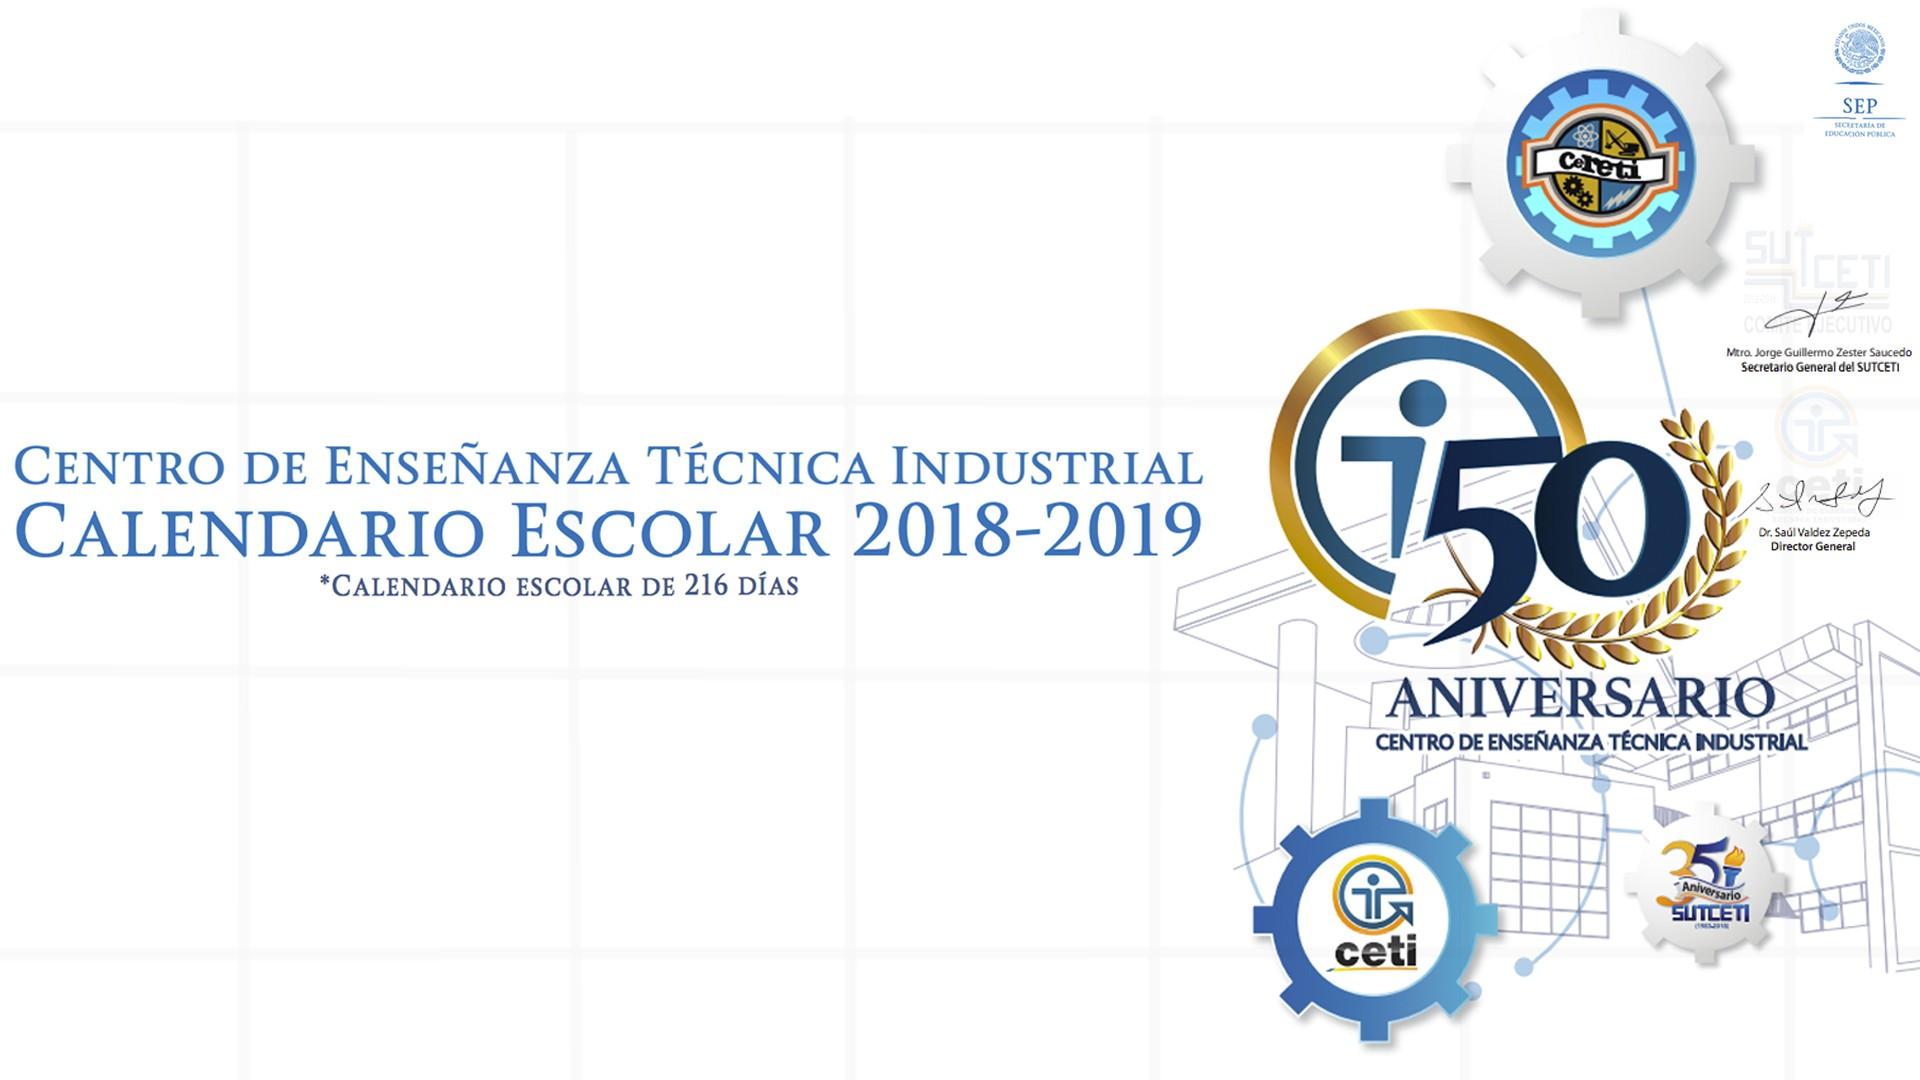 Calendario Wscolar 2019 Más Recientes Calendario Escolar 2018 2019 Of Calendario Wscolar 2019 Más Recientes Calendario Académico 2018 2019 Consmucan